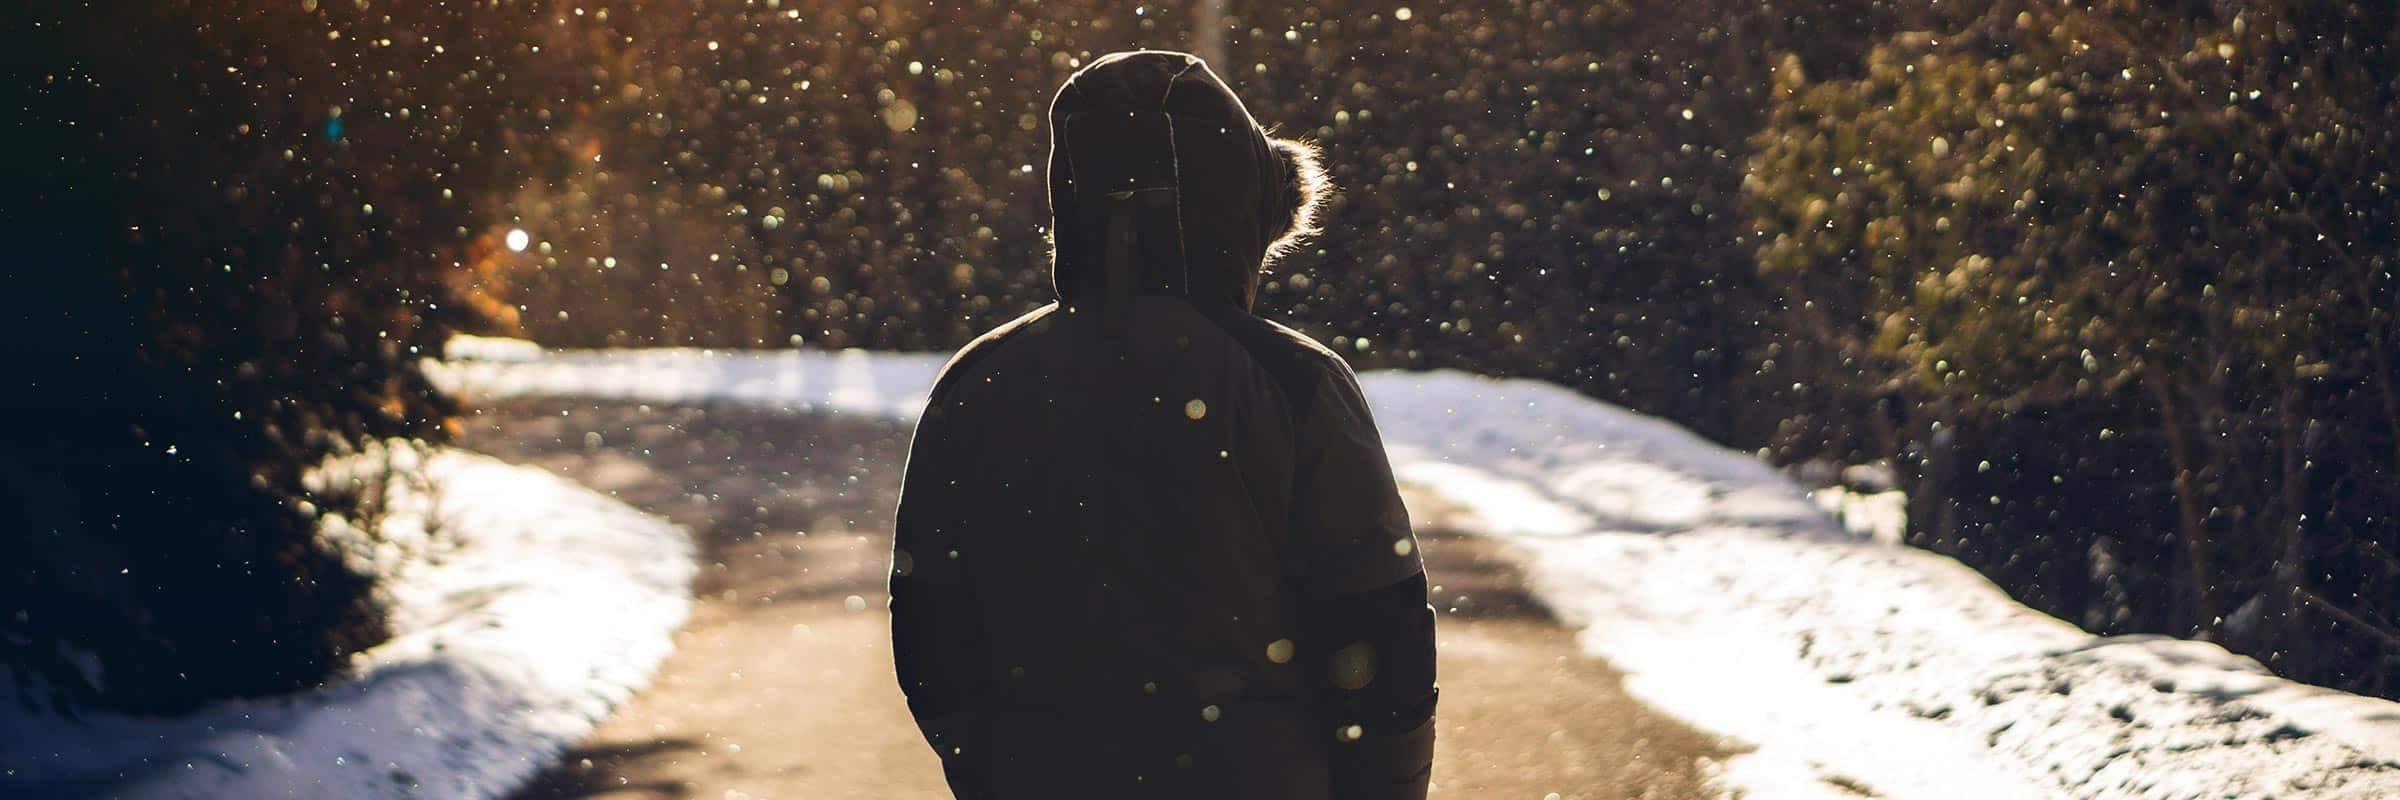 Duvet VS synthétique: bien choisir son manteau urbain